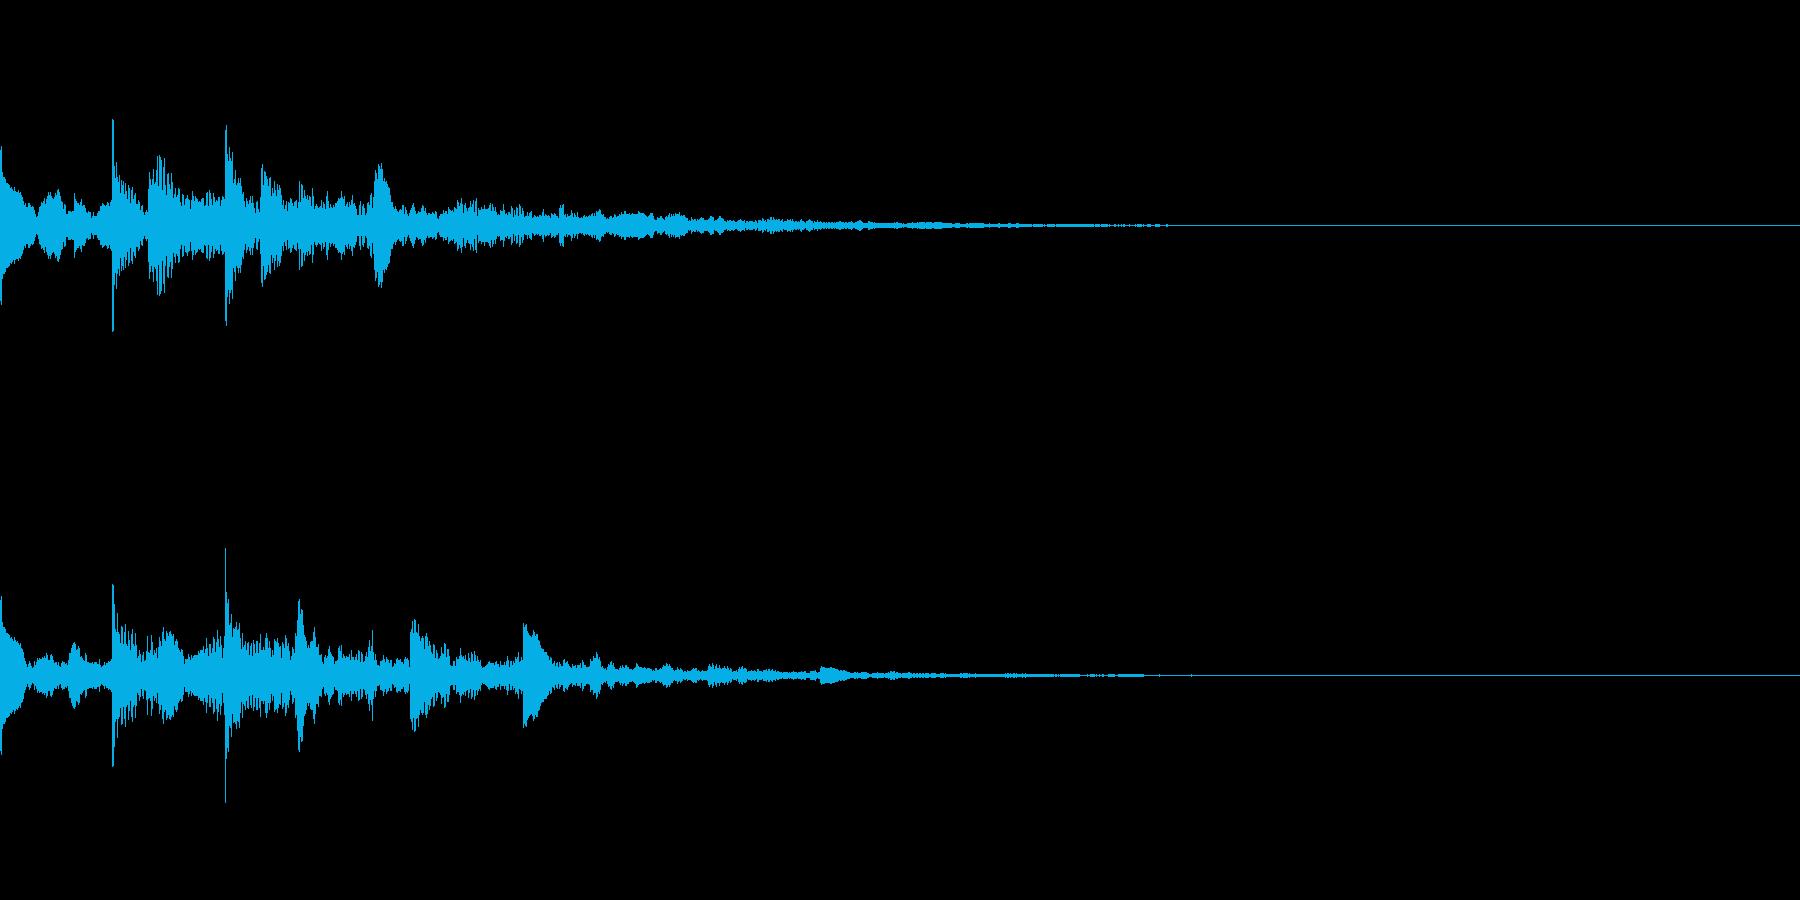 ニュース・お知らせ4の再生済みの波形